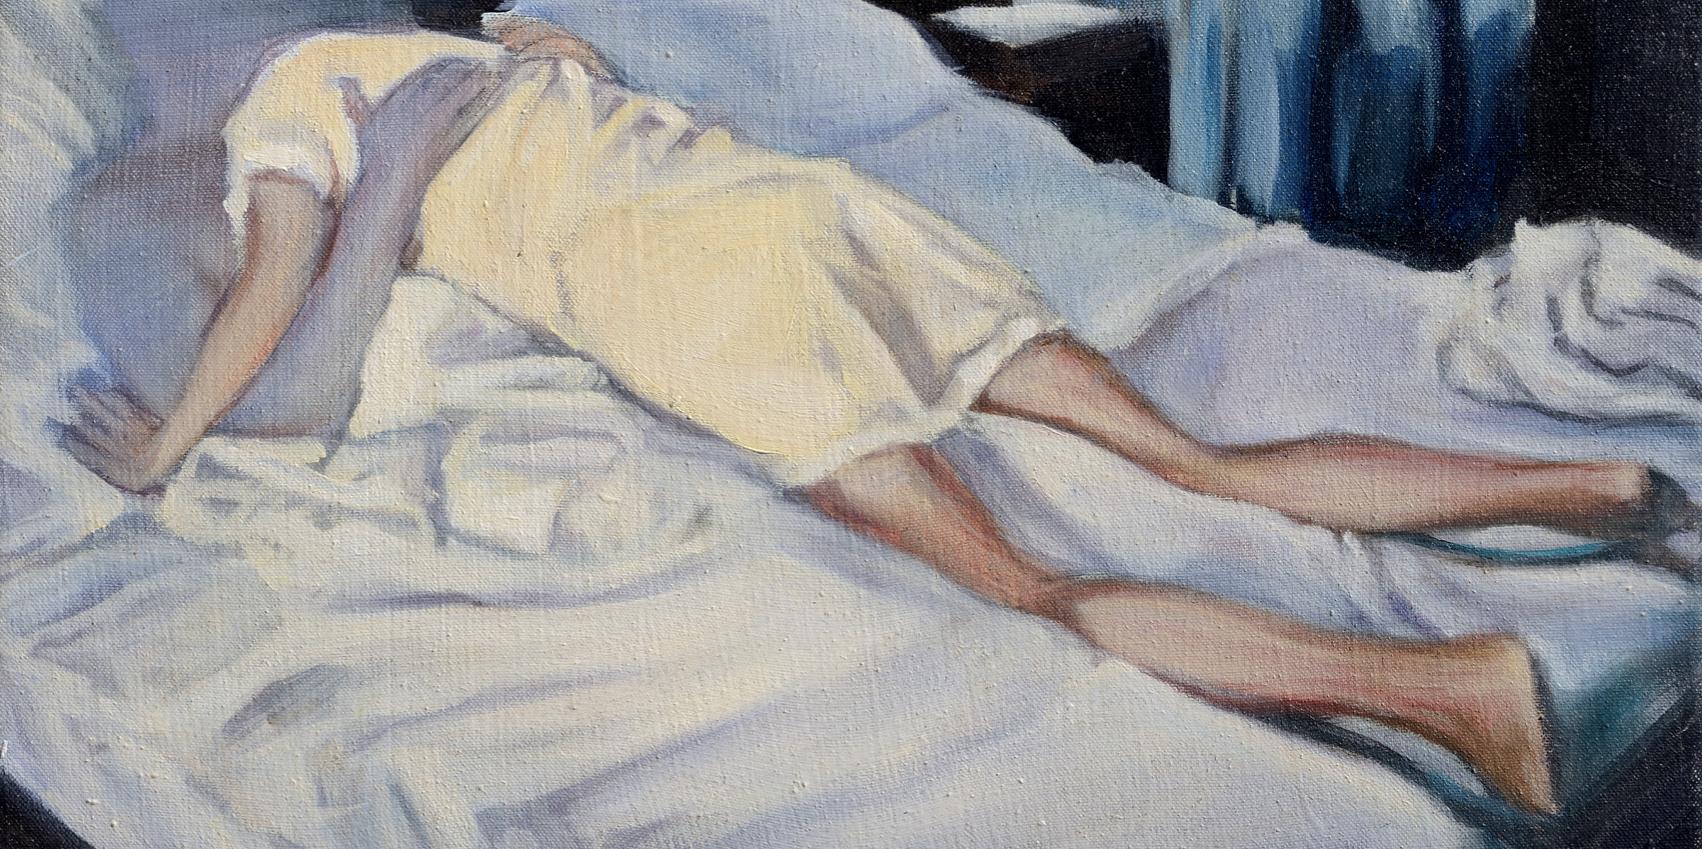 Iva Lulashi libera e desiderante. Le opere inedite, erotiche e politiche ispirate alle Cinque Terre